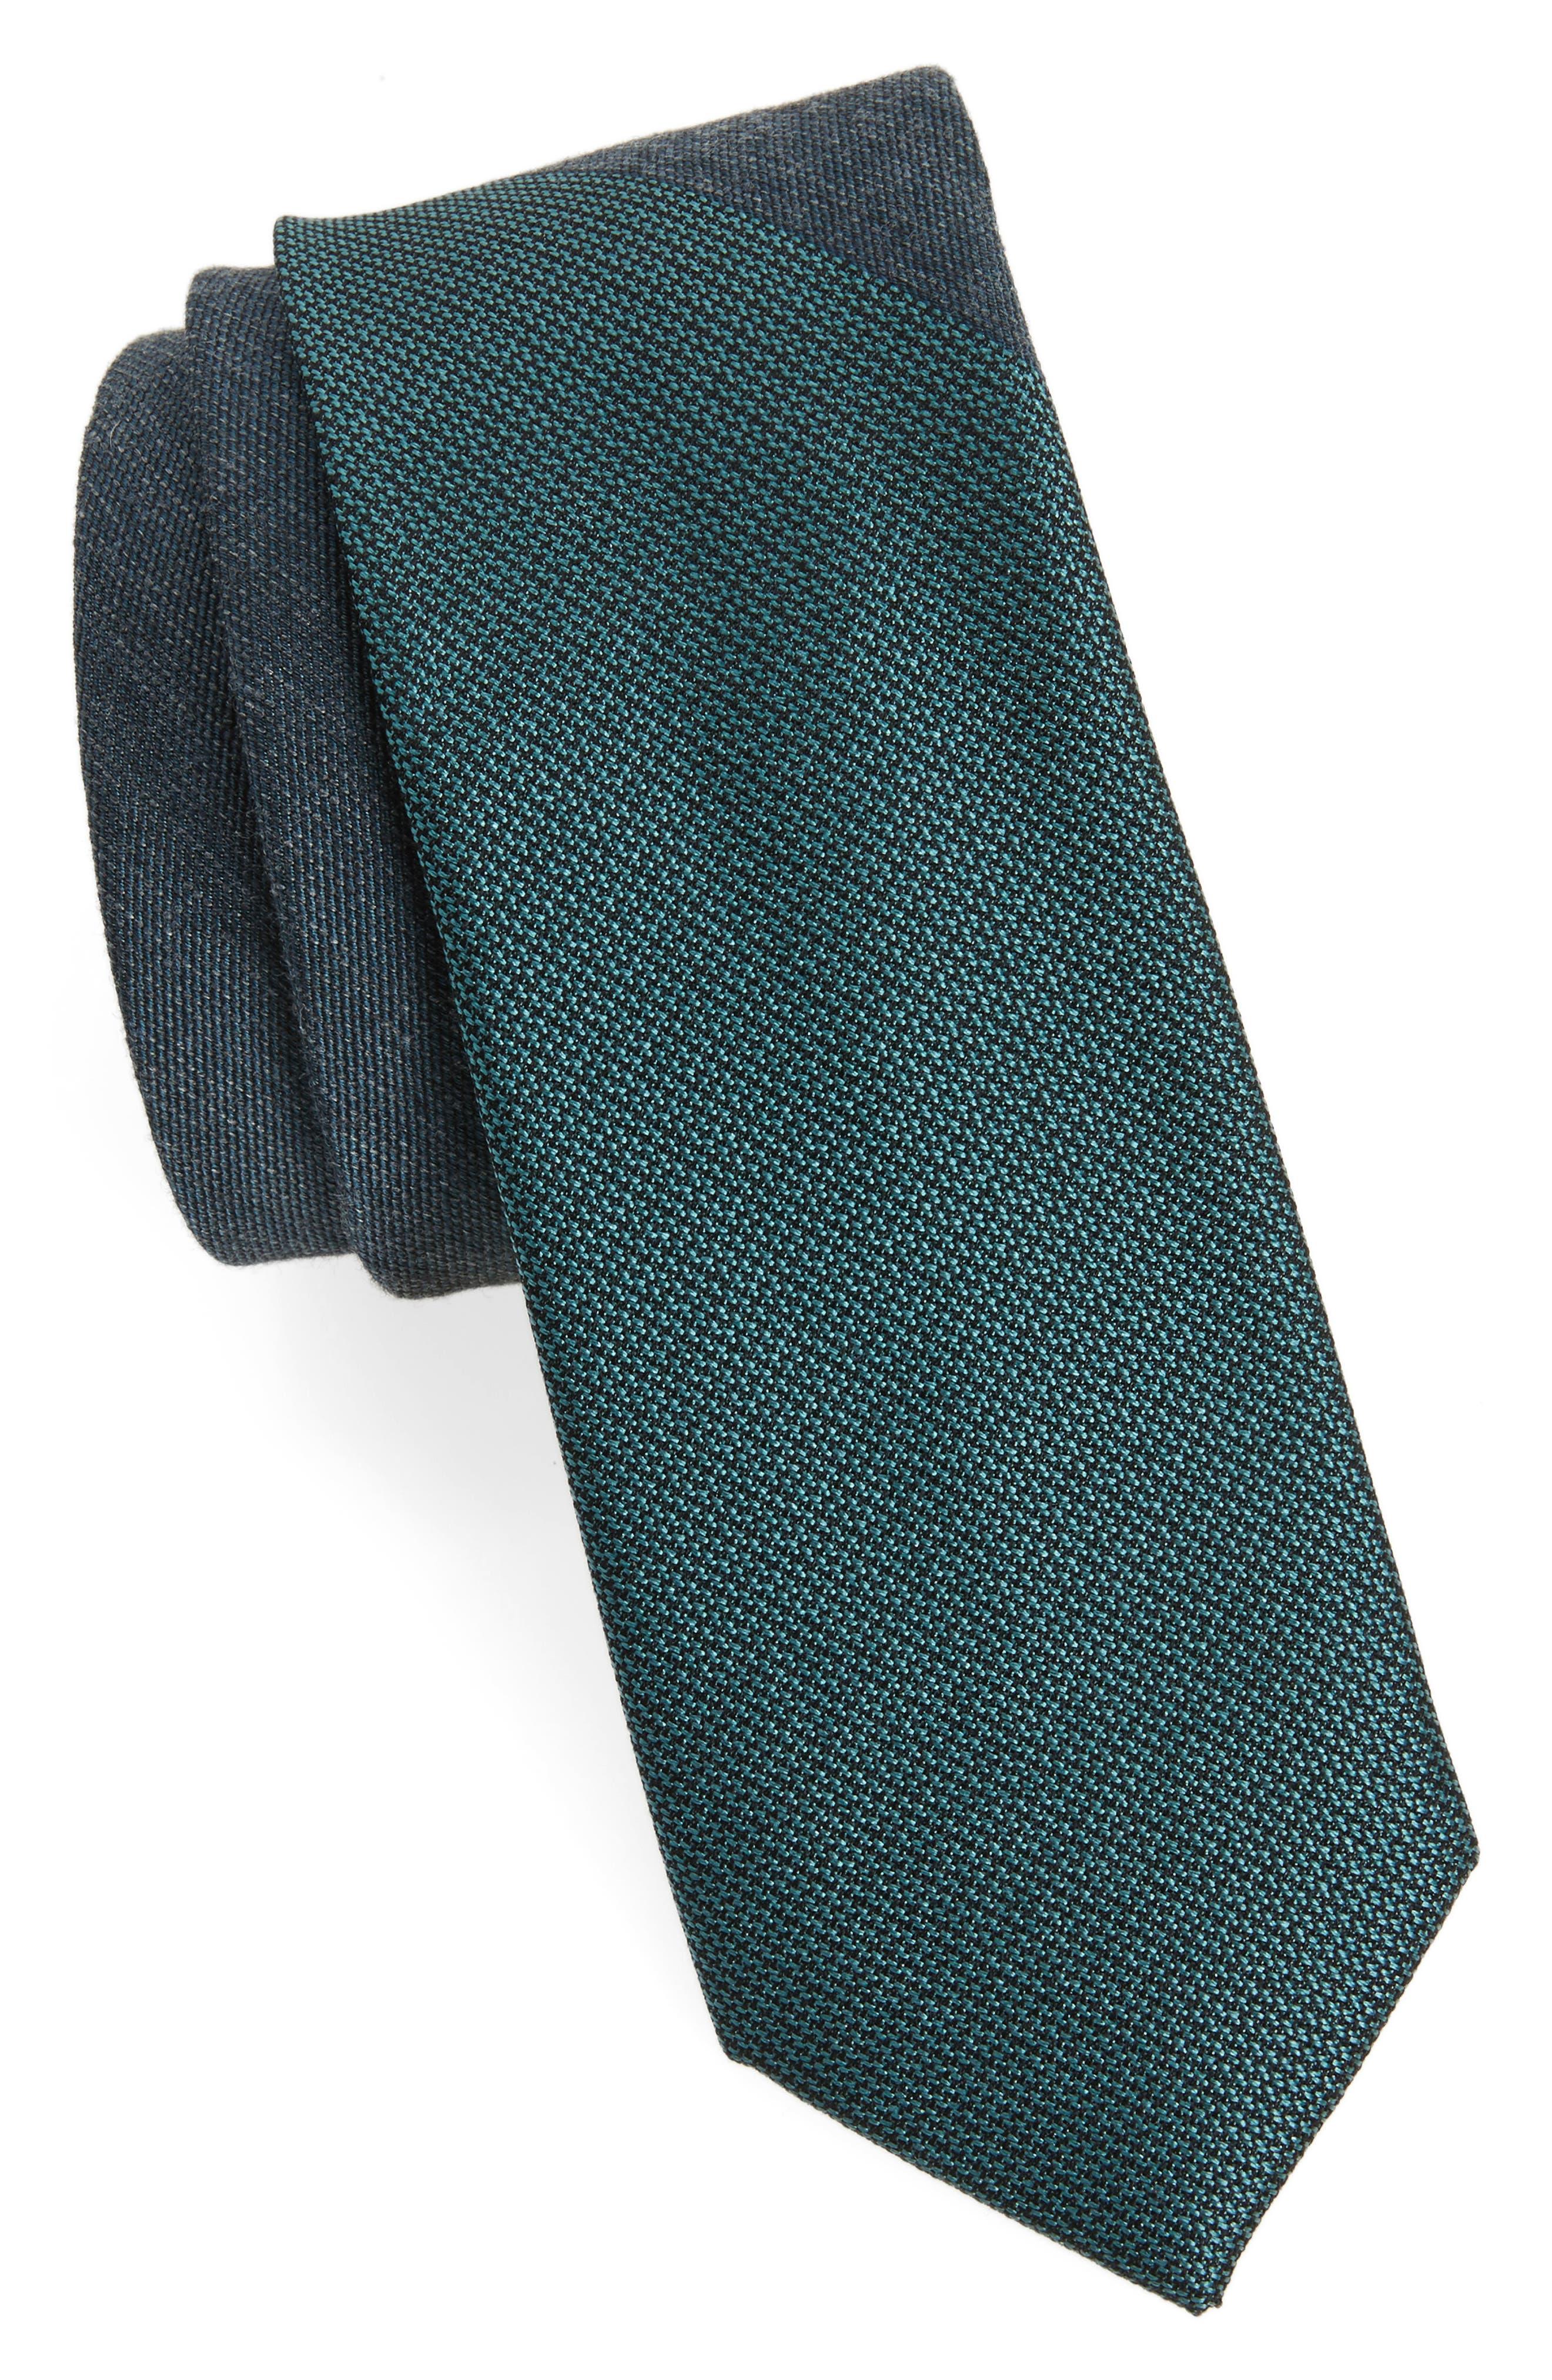 Half & Half Panel Tie,                         Main,                         color, Teal